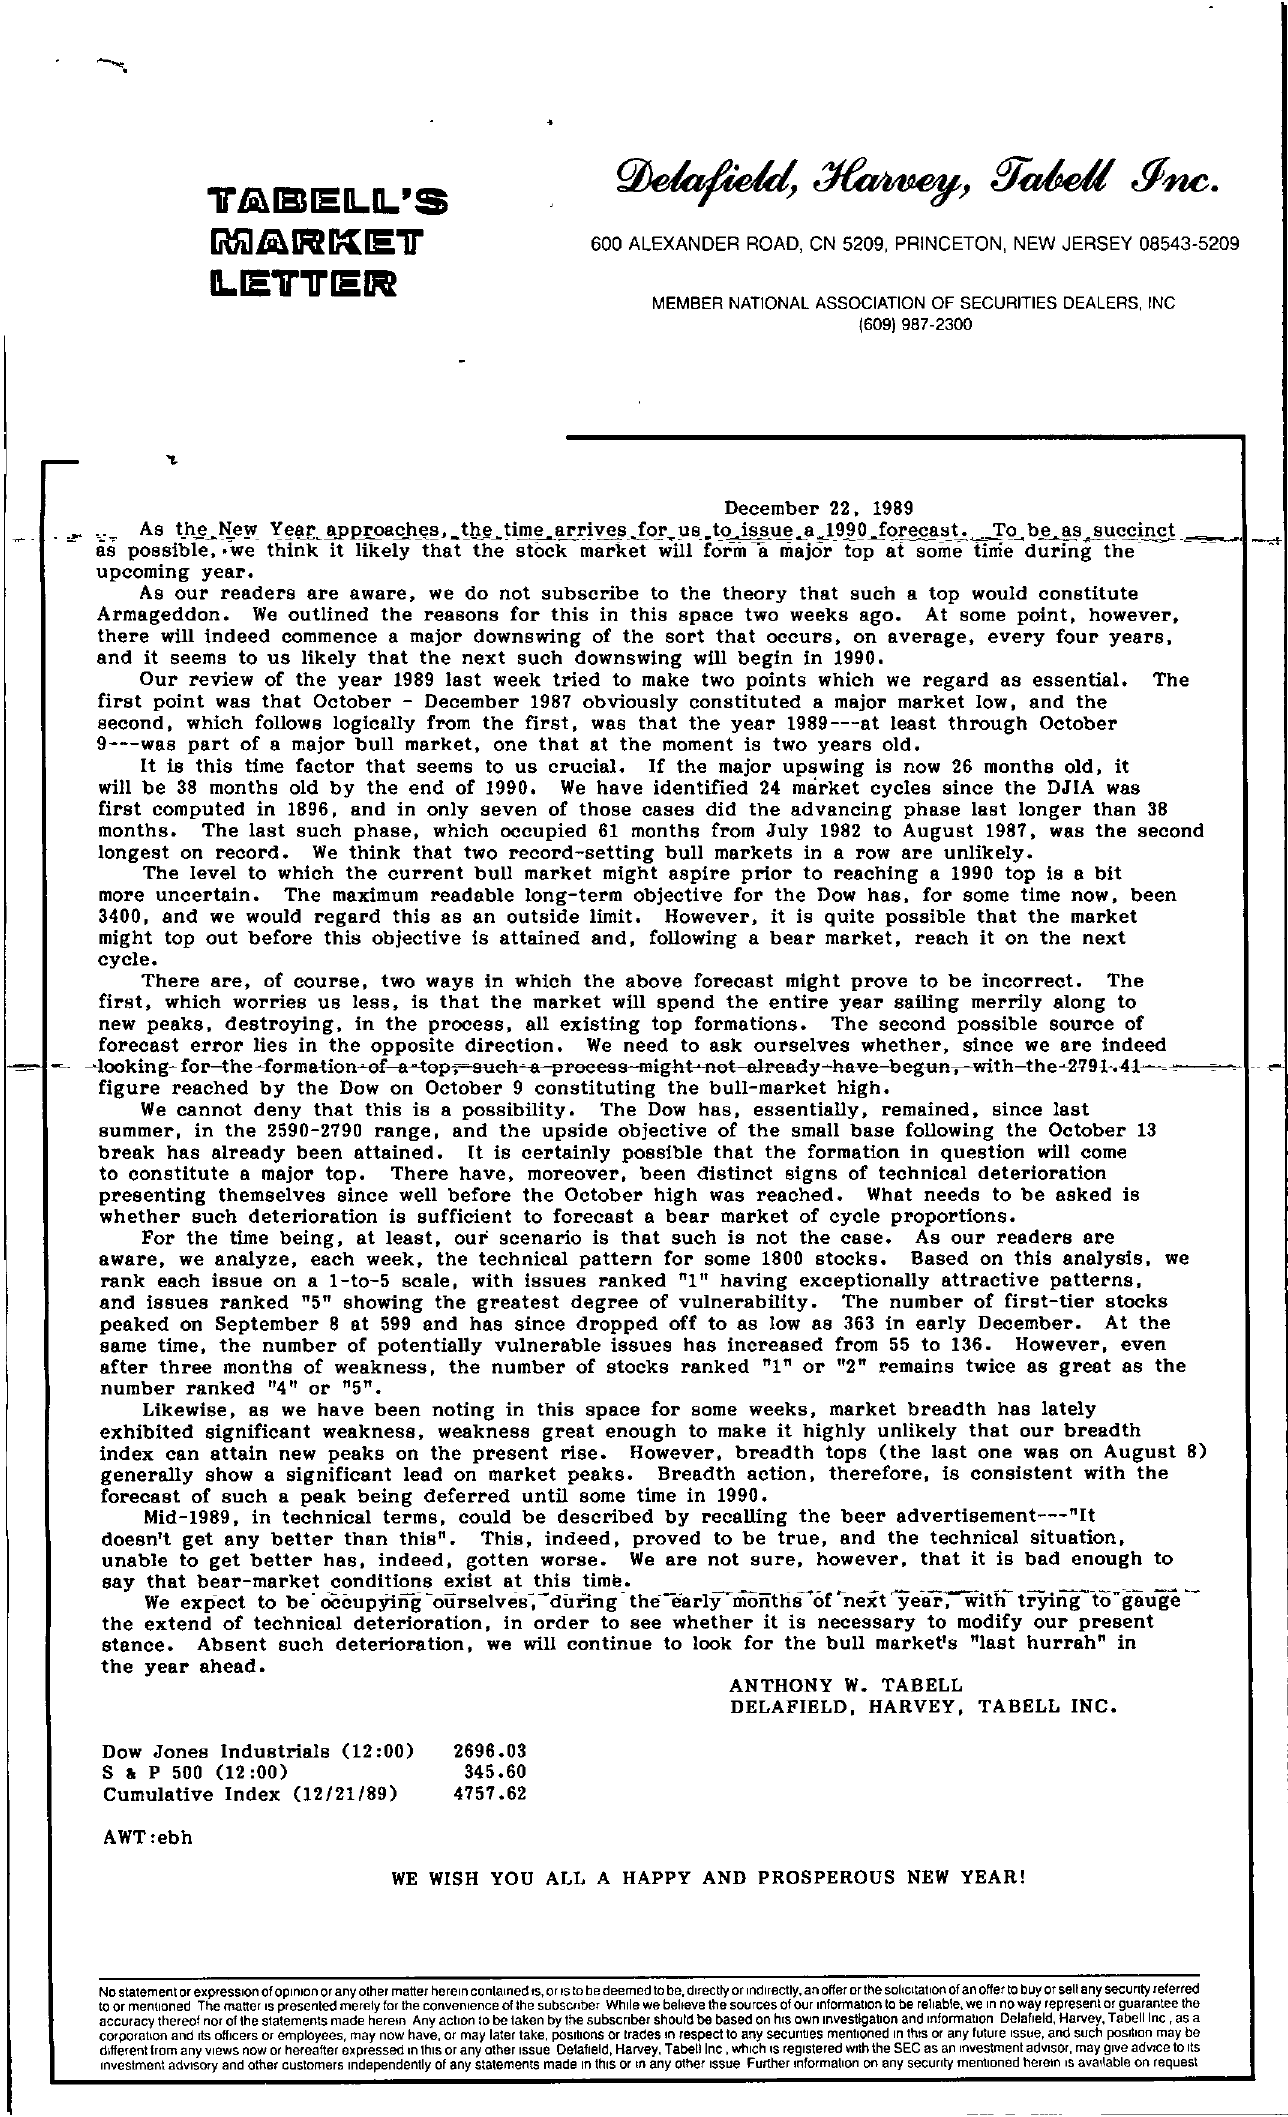 Tabell's Market Letter - December 22, 1989